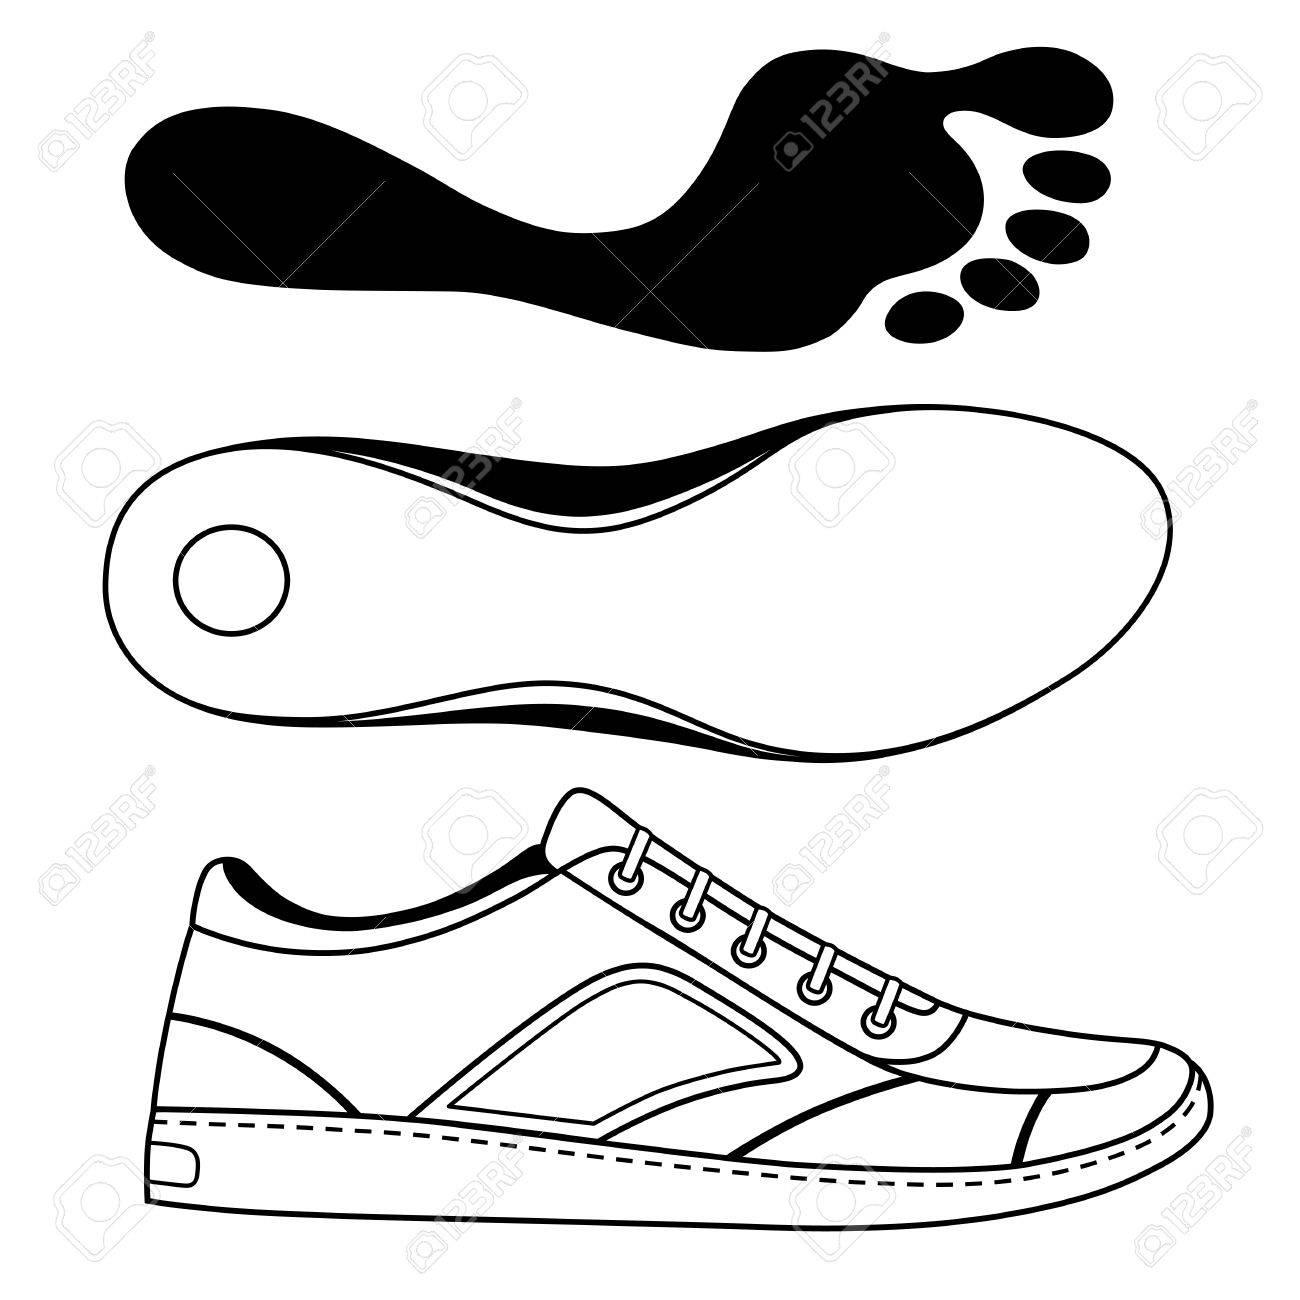 Negro Se Indica Zapatillas De Deporte Del Zapato Y Suela ...